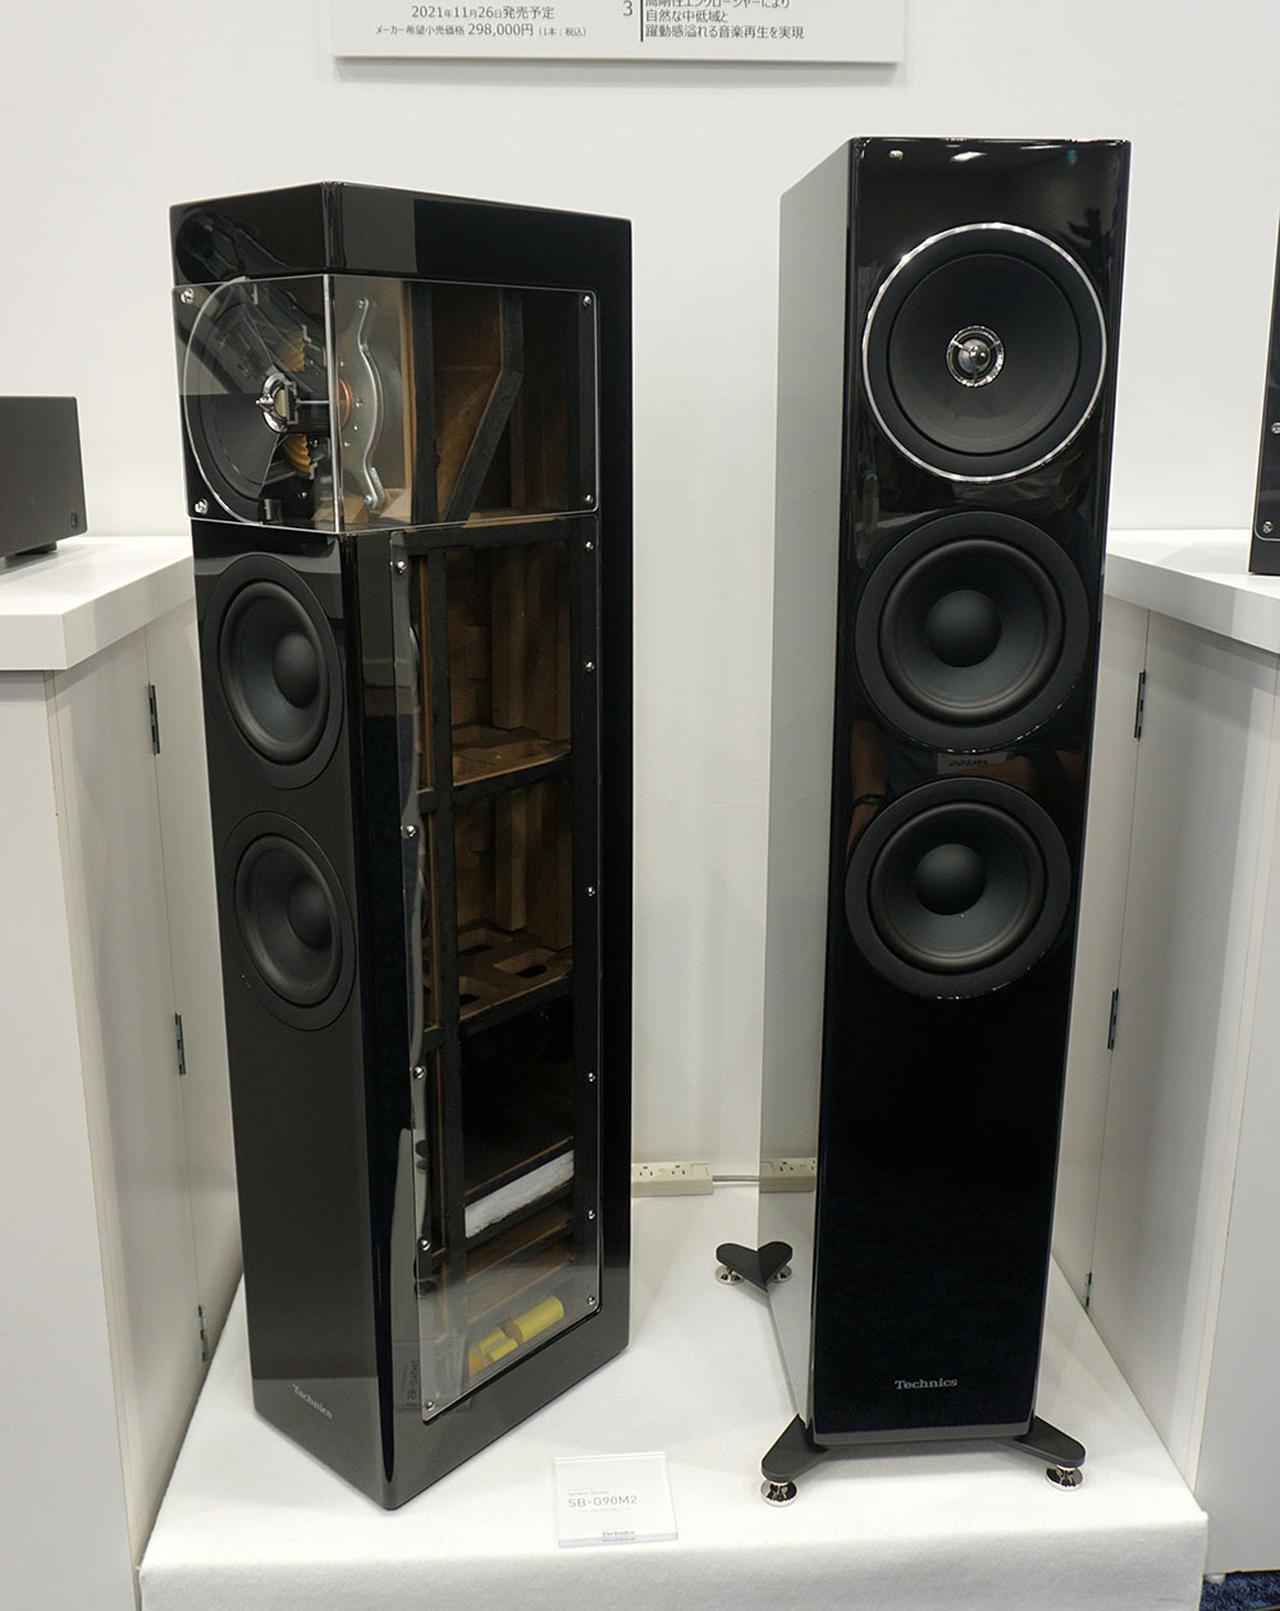 画像2: テクニクス、グランドクラスのスピーカー「SB-G90M2」を発売。新開発の同軸ユニットや進化した「重心マウント構造」を採用し、明瞭な音像定位と立体的な音場、情報量豊かな音を実現